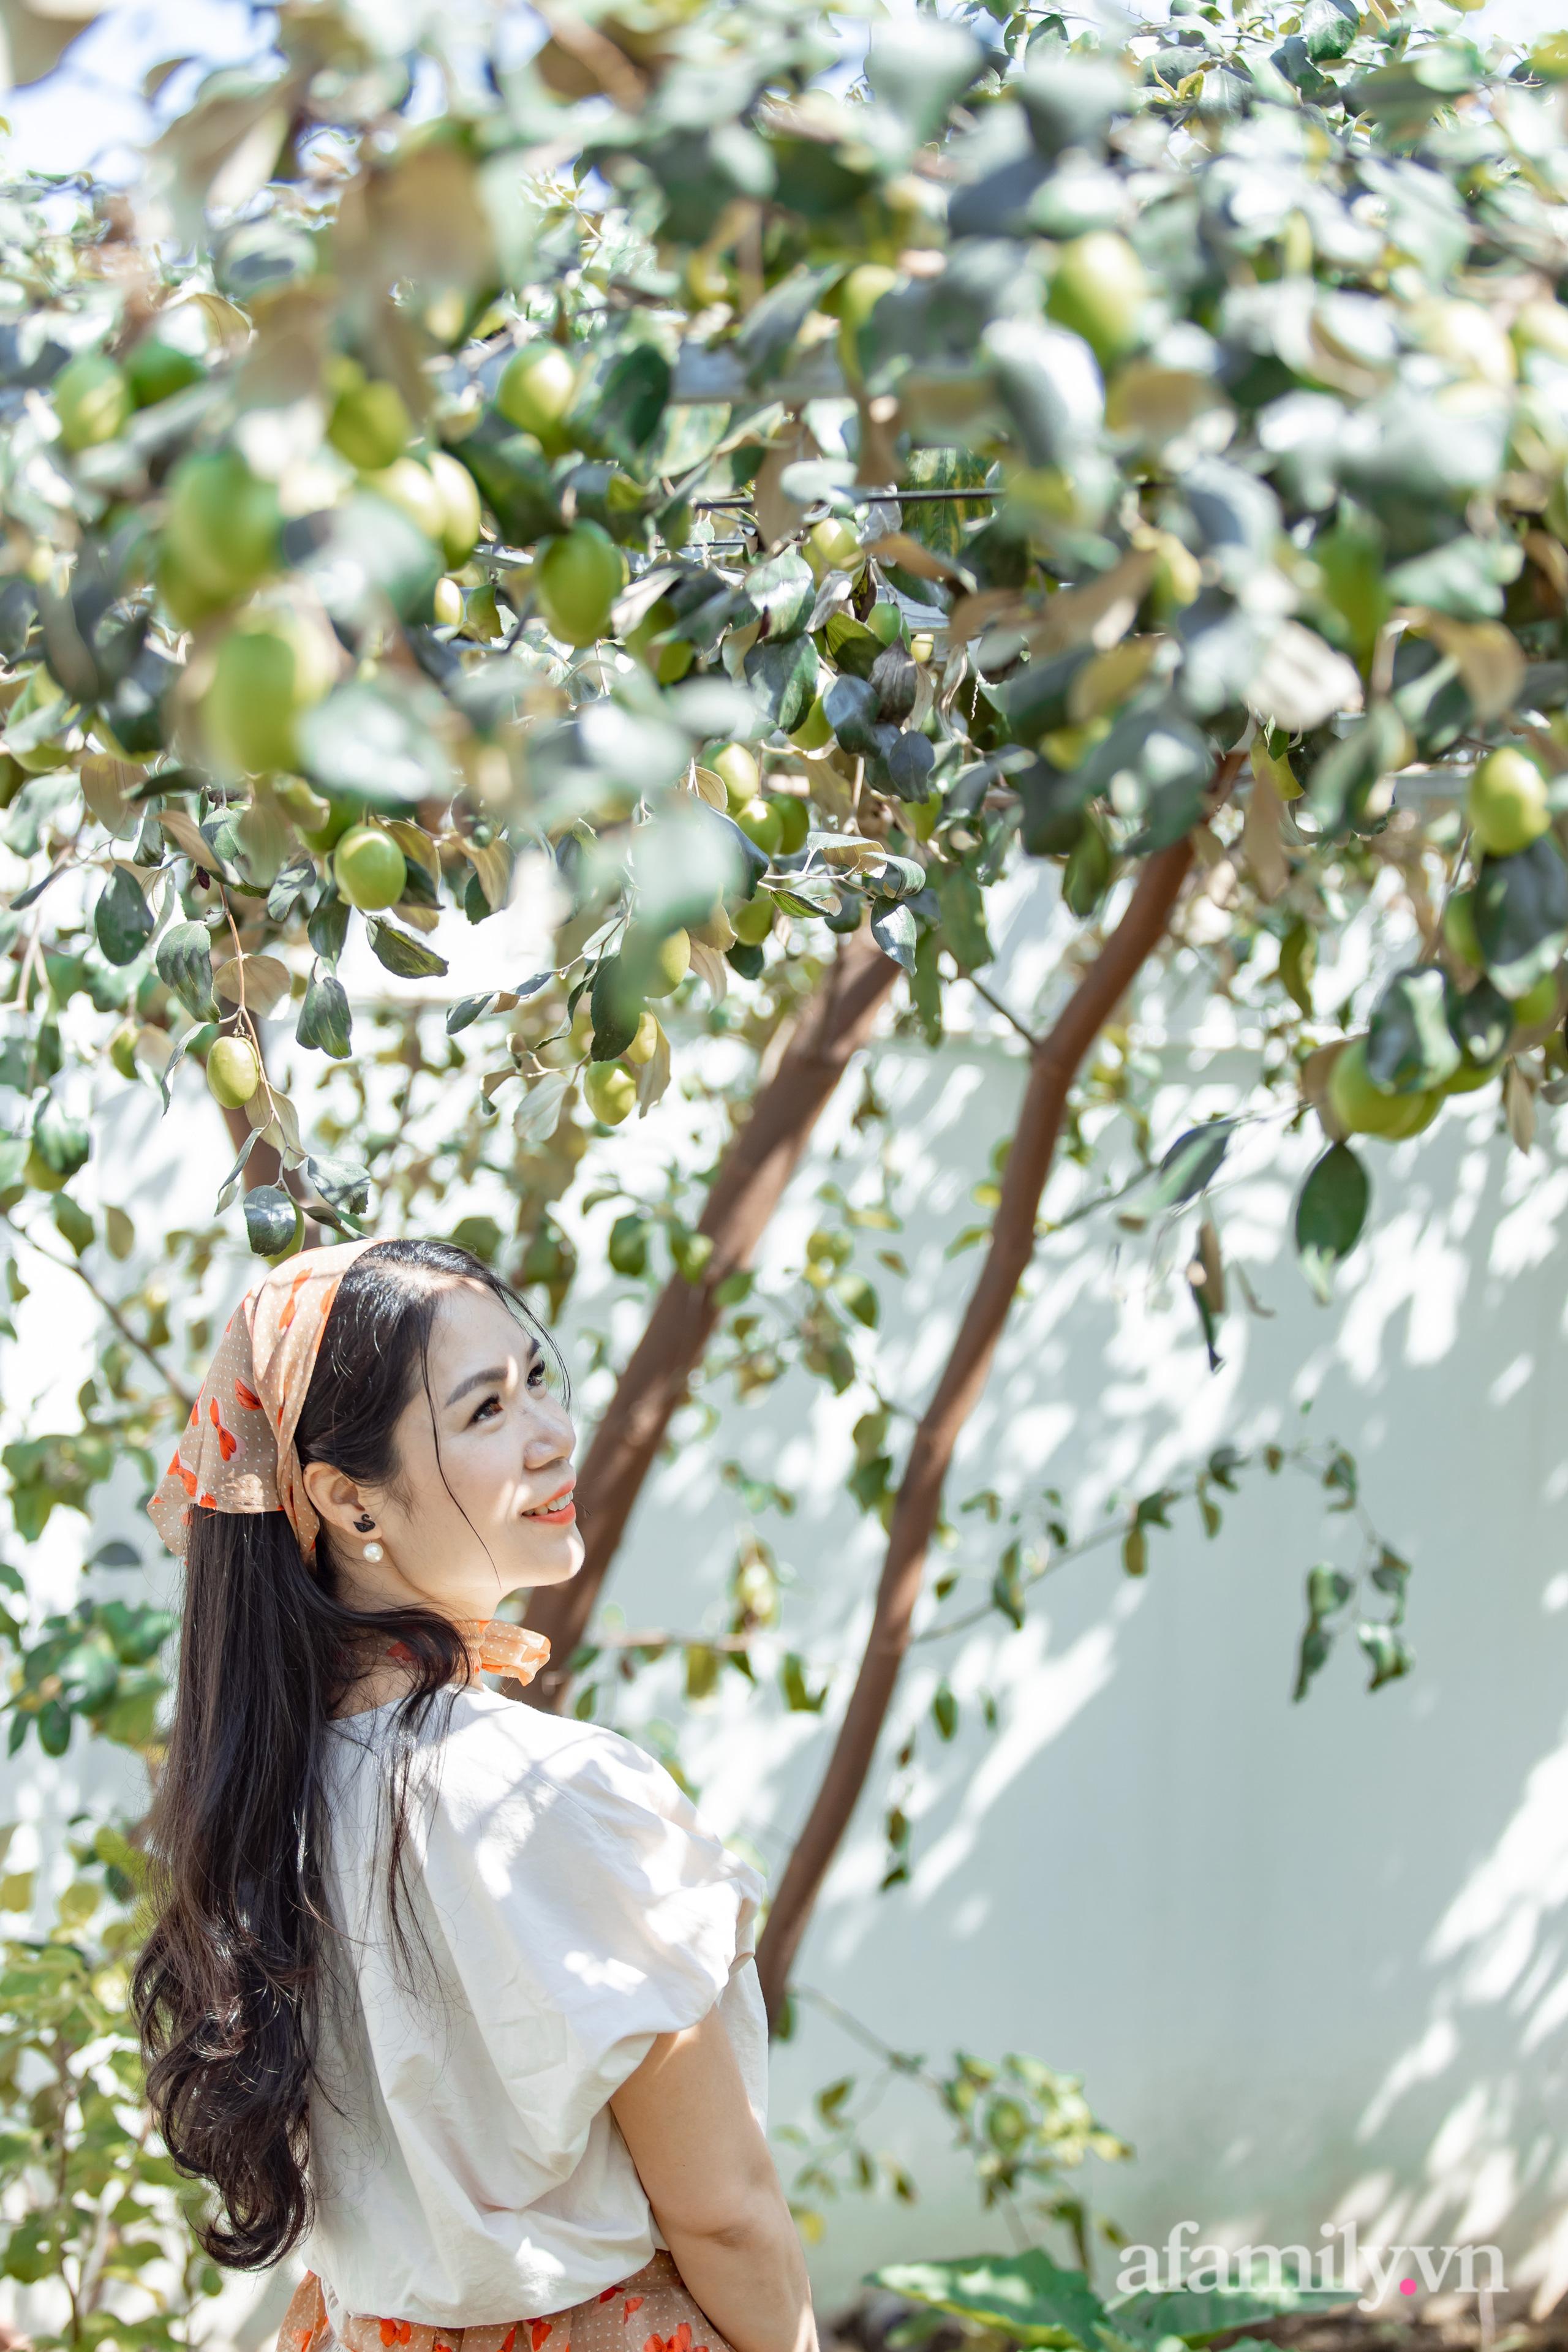 """""""Nông trại"""" rộng 300m2 đẹp như cổ tích với đủ loại hoa và rau quả của mẹ 4 con ở Móng Cái, Quảng Ninh - Ảnh 7."""